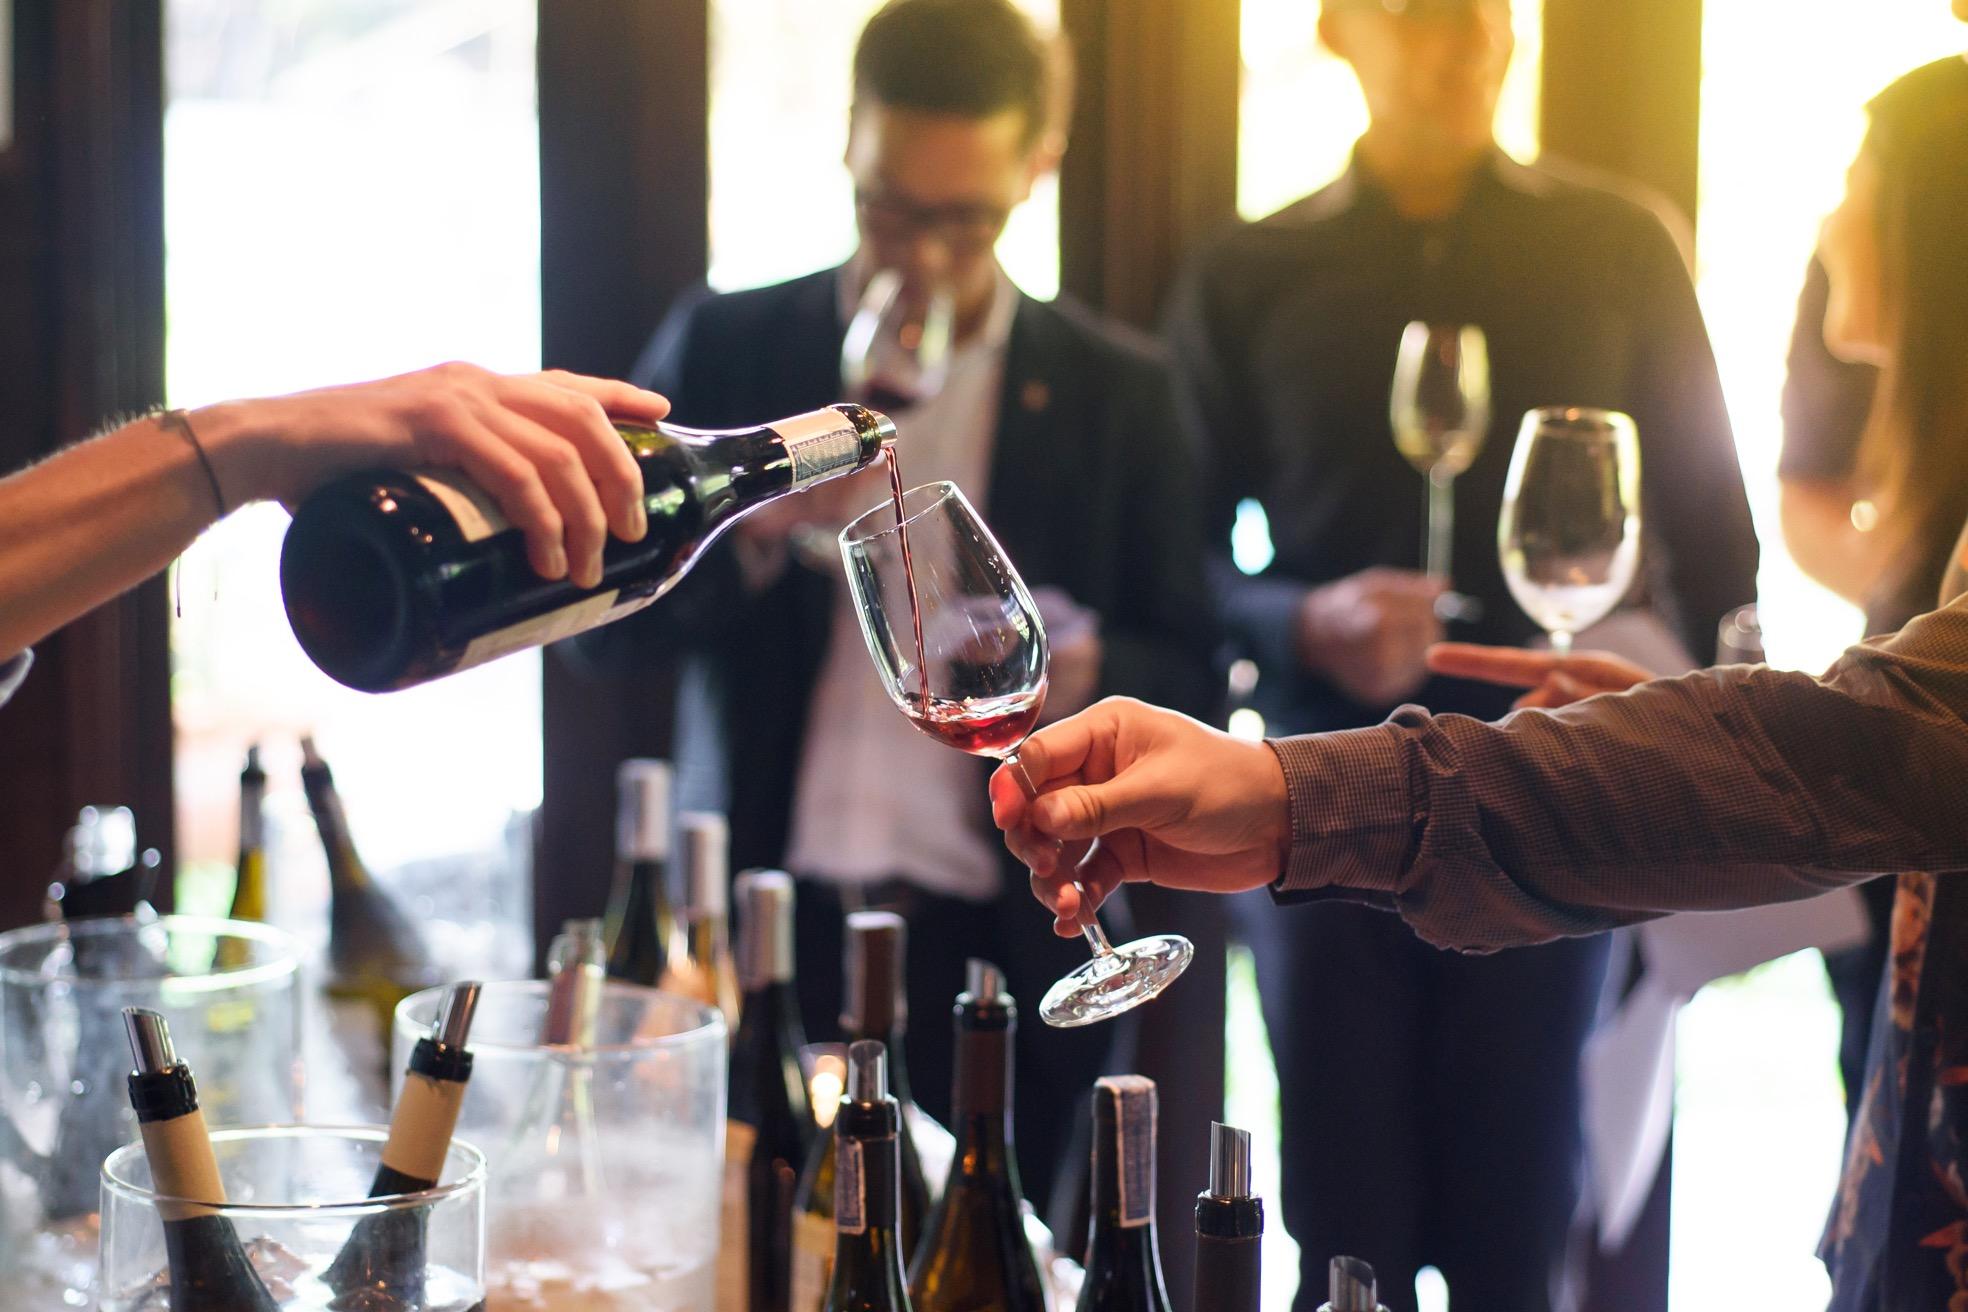 ワインの試飲会へ行ってみよう!マナーや注意点について